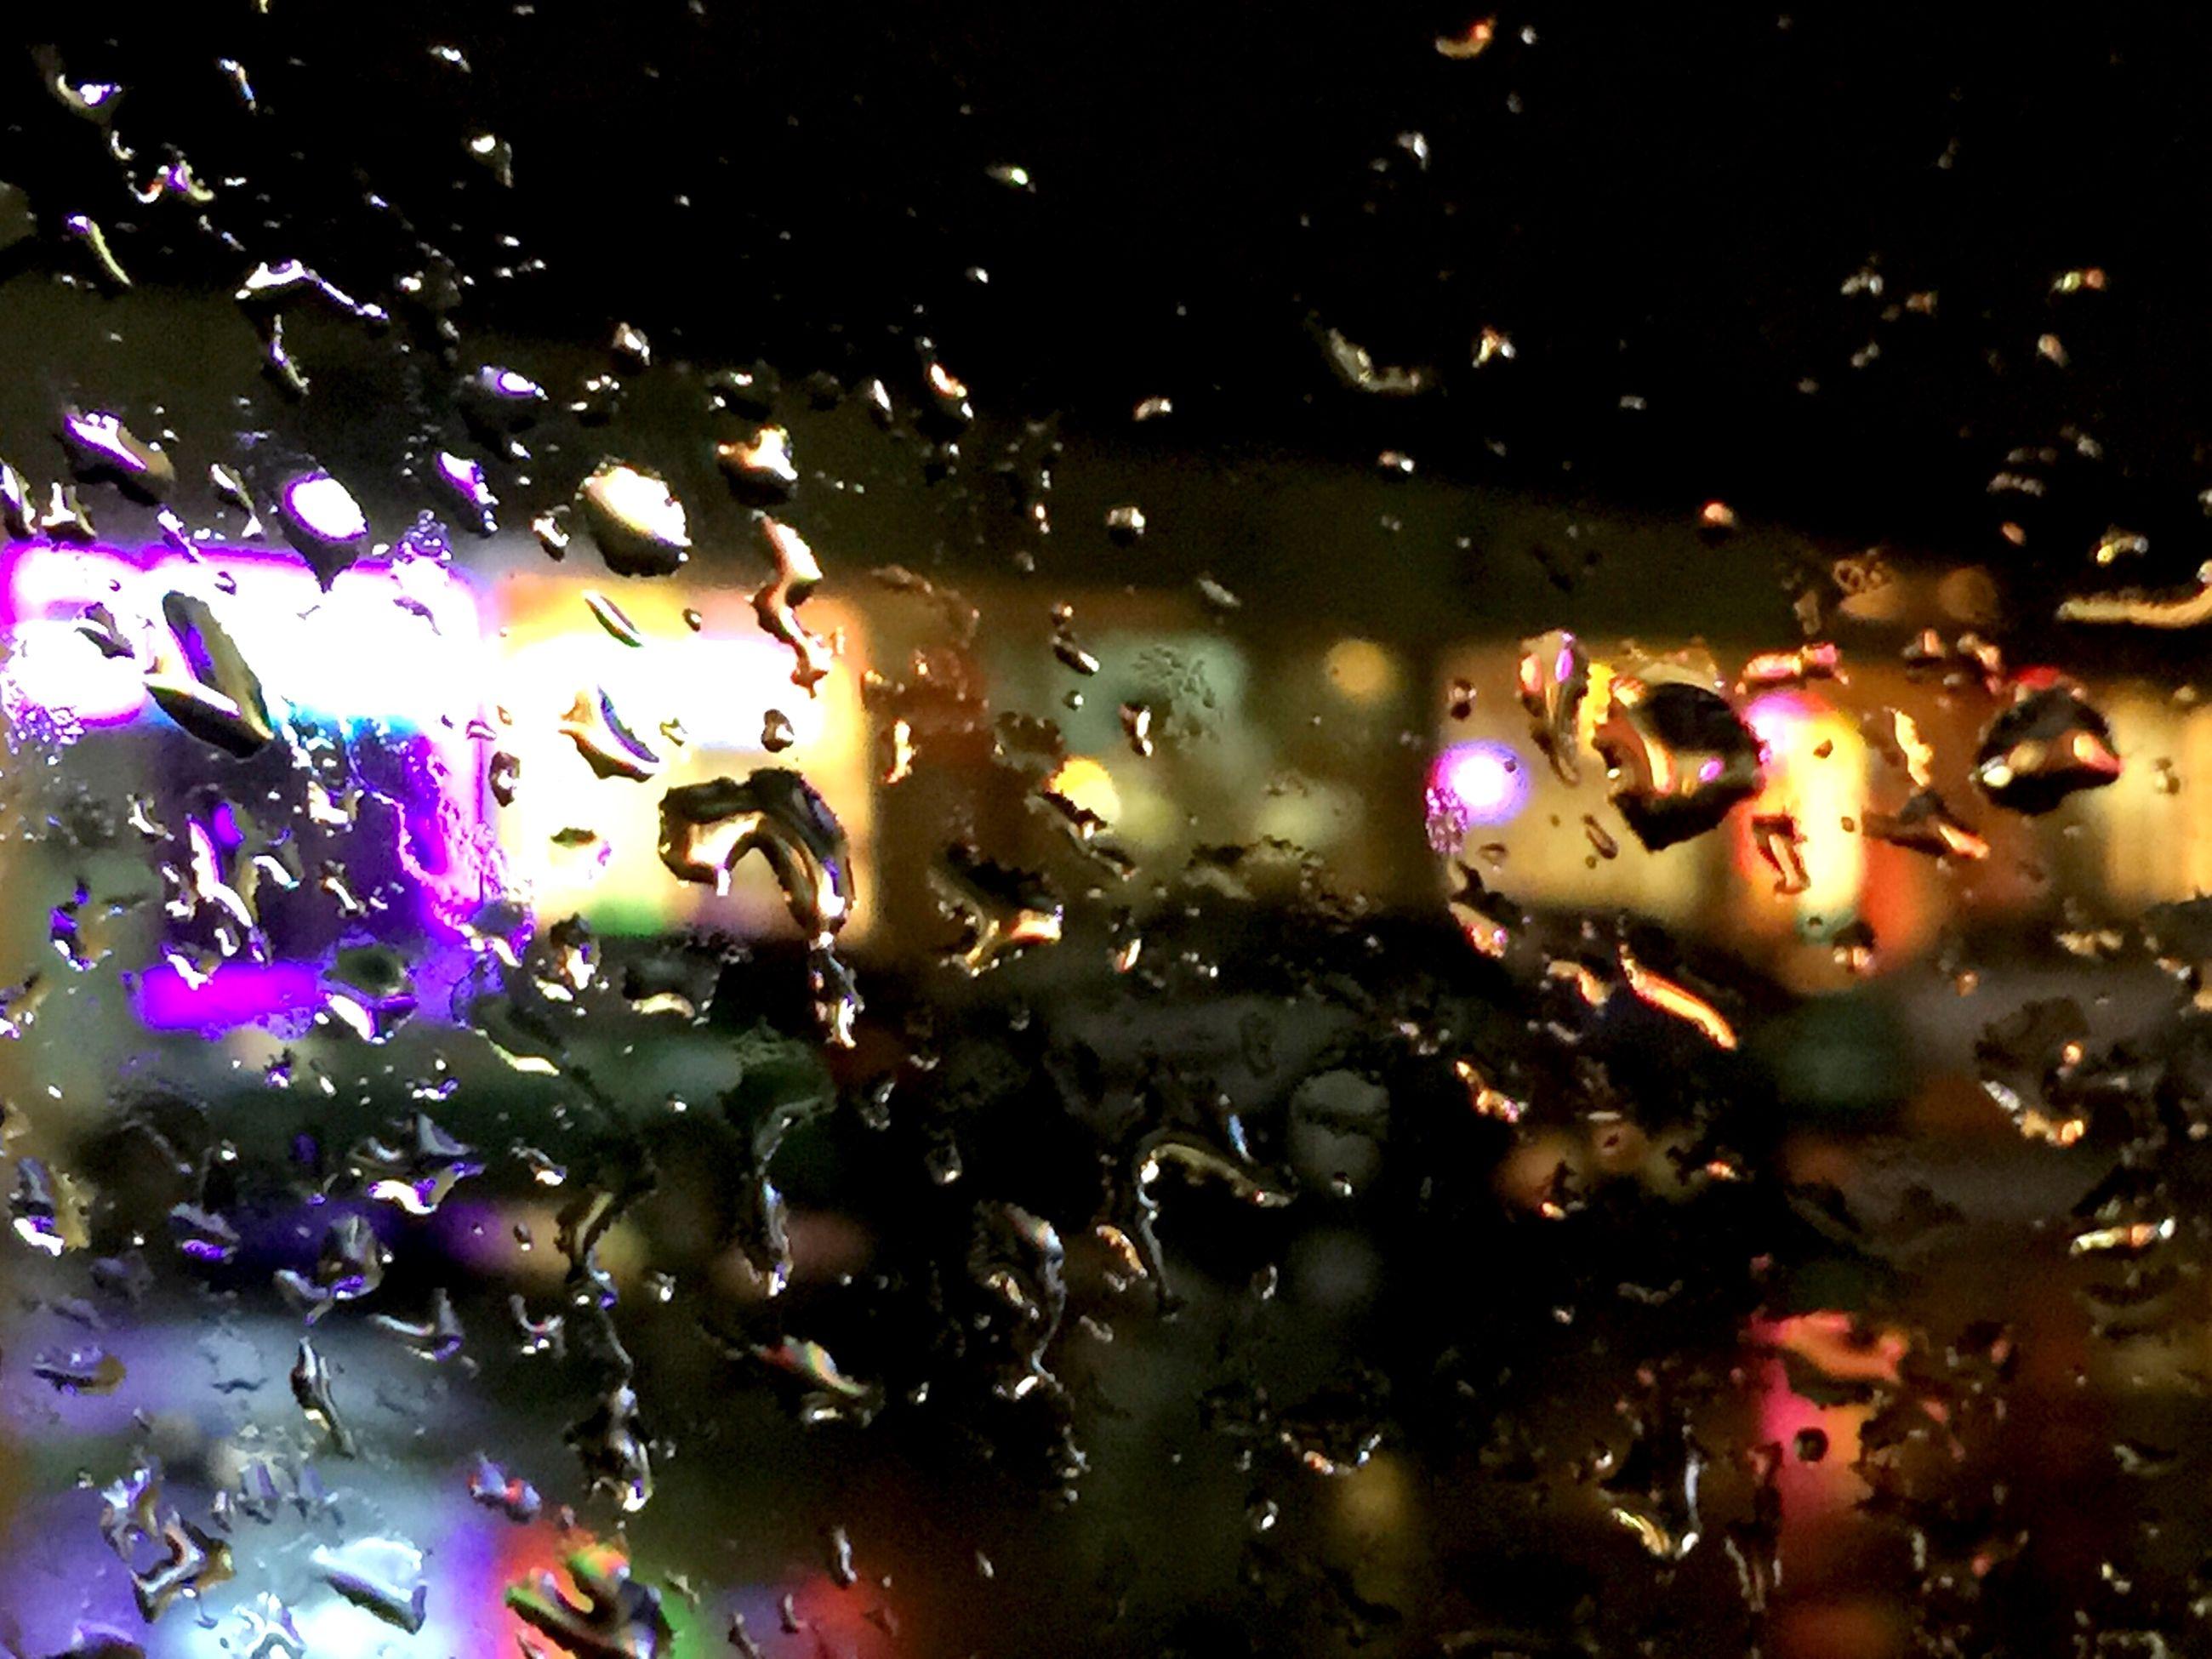 Full frame shot of wet car window during monsoon